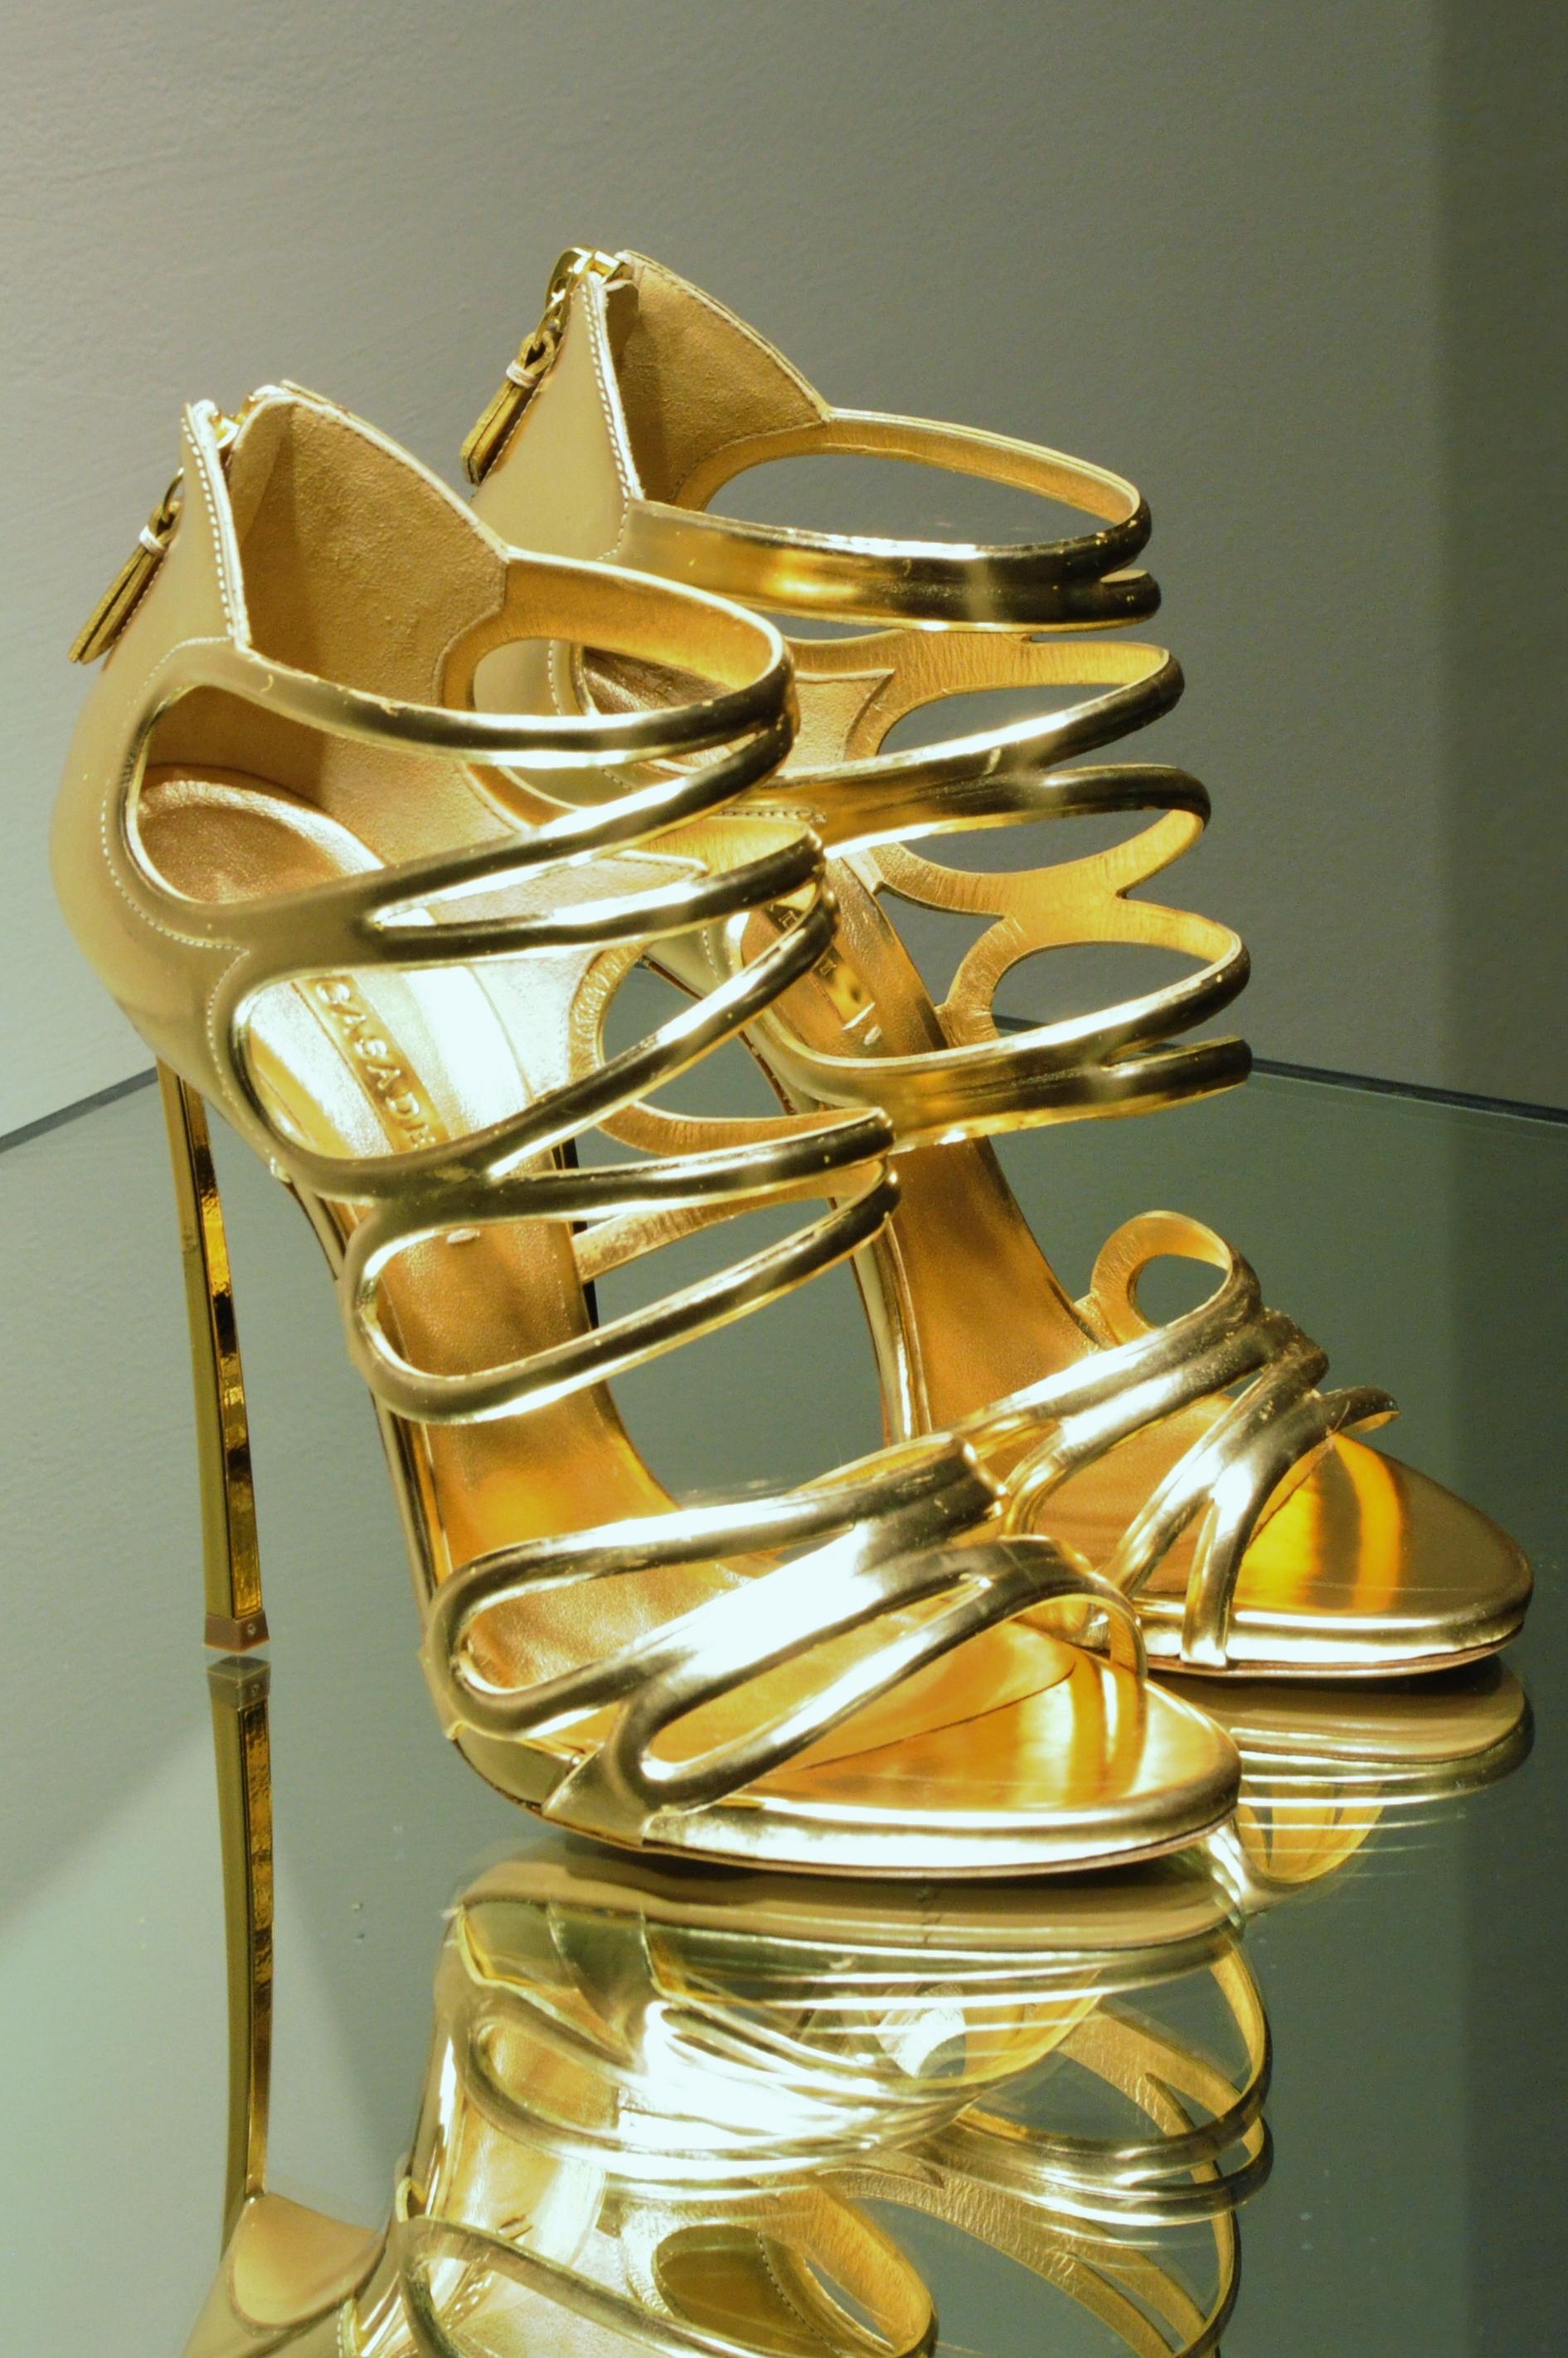 Burberry Wallpaper Iphone X Free Stock Photo Of Golden High Heels Luxury